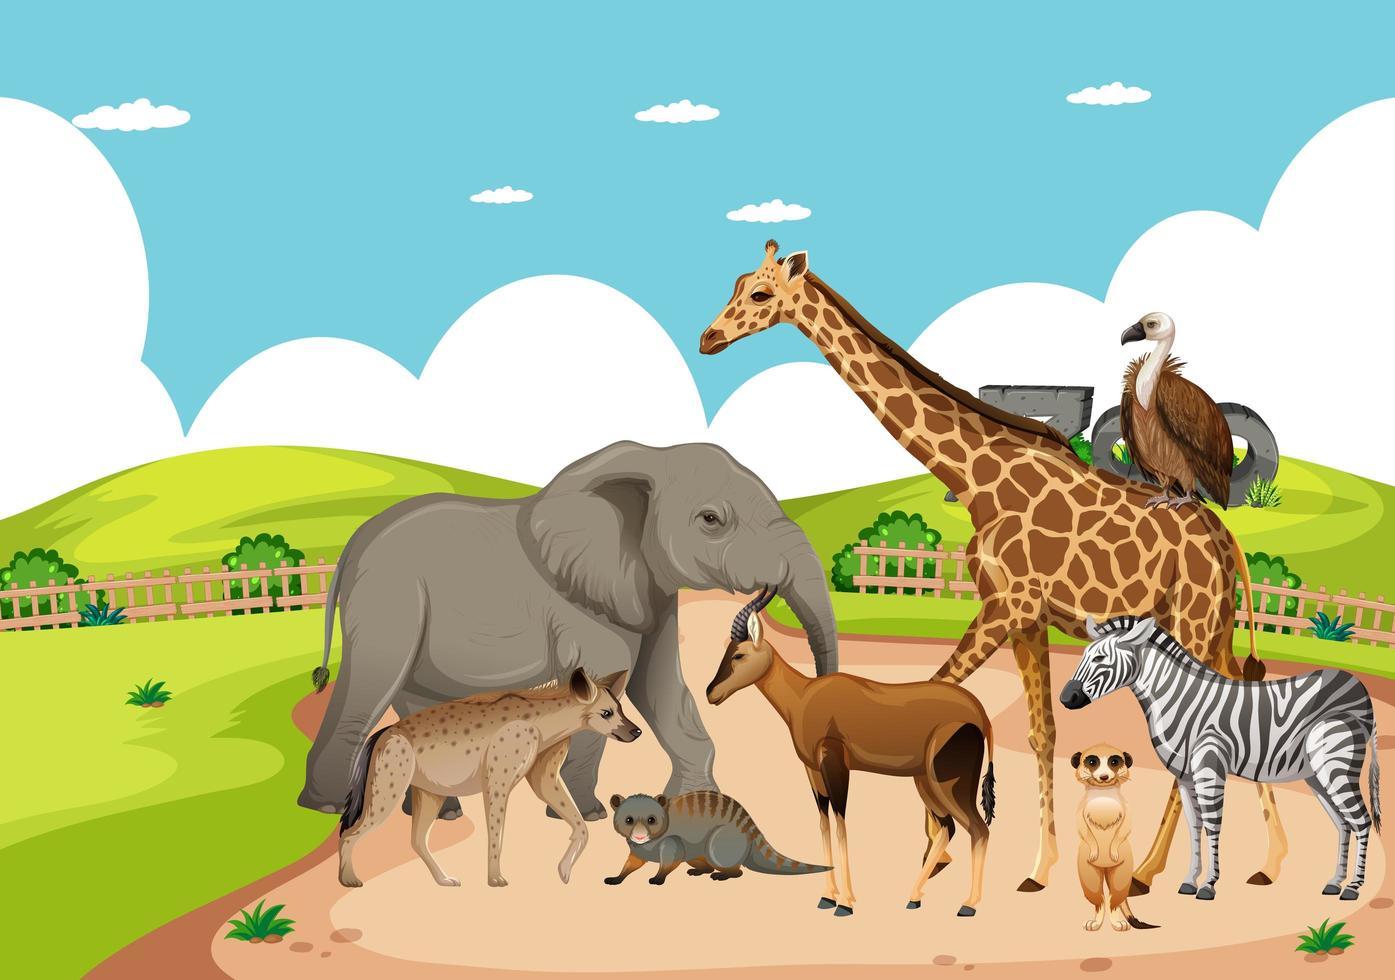 Grupo de animales salvajes africanos en la escena del zoológico vector